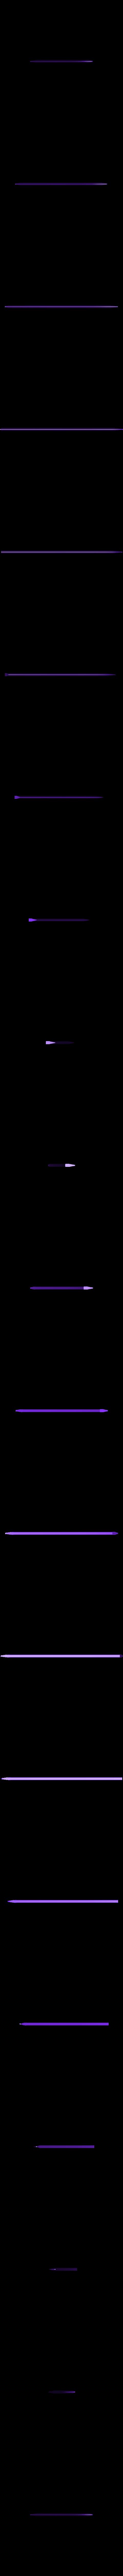 Blade_Top.stl Télécharger fichier STL gratuit Katana basique • Plan imprimable en 3D, ChaosCoreTech